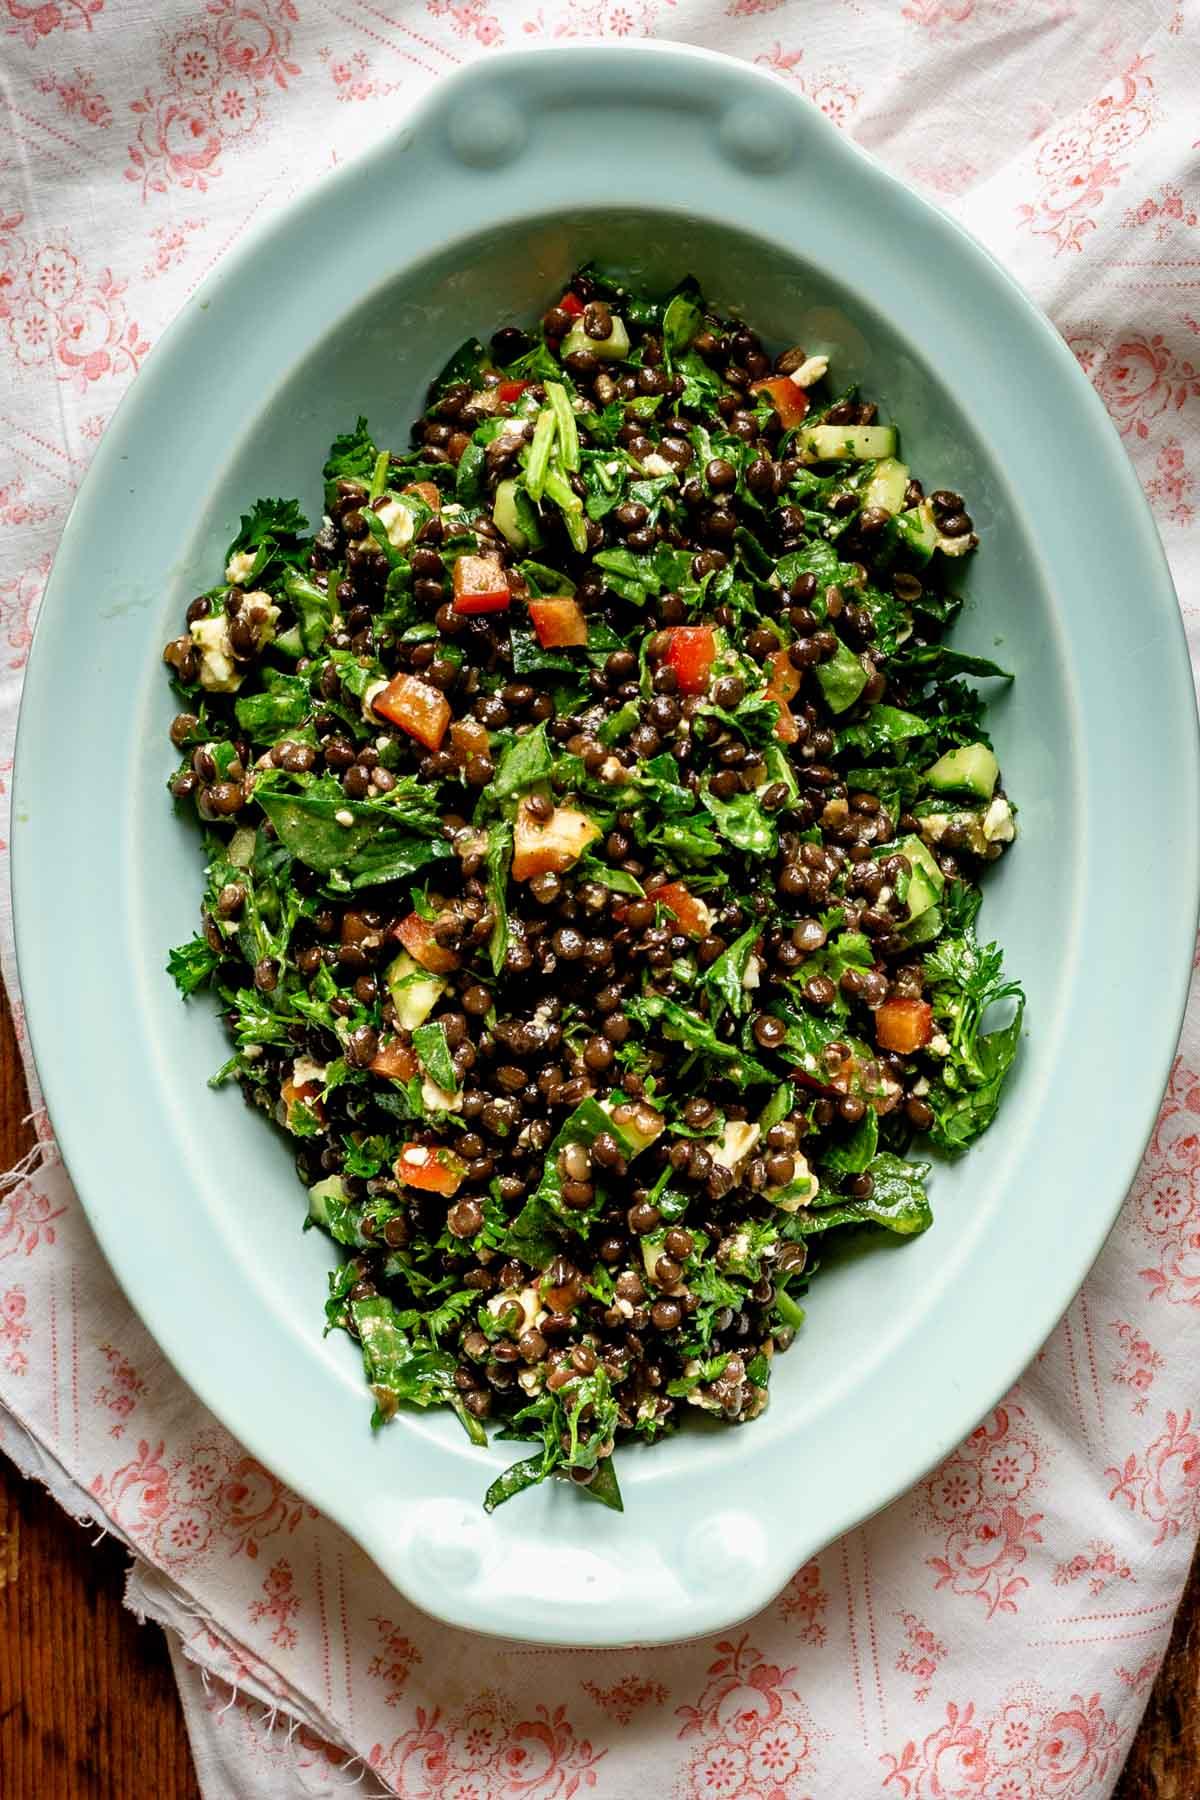 blue oval bowl with black lentil salad